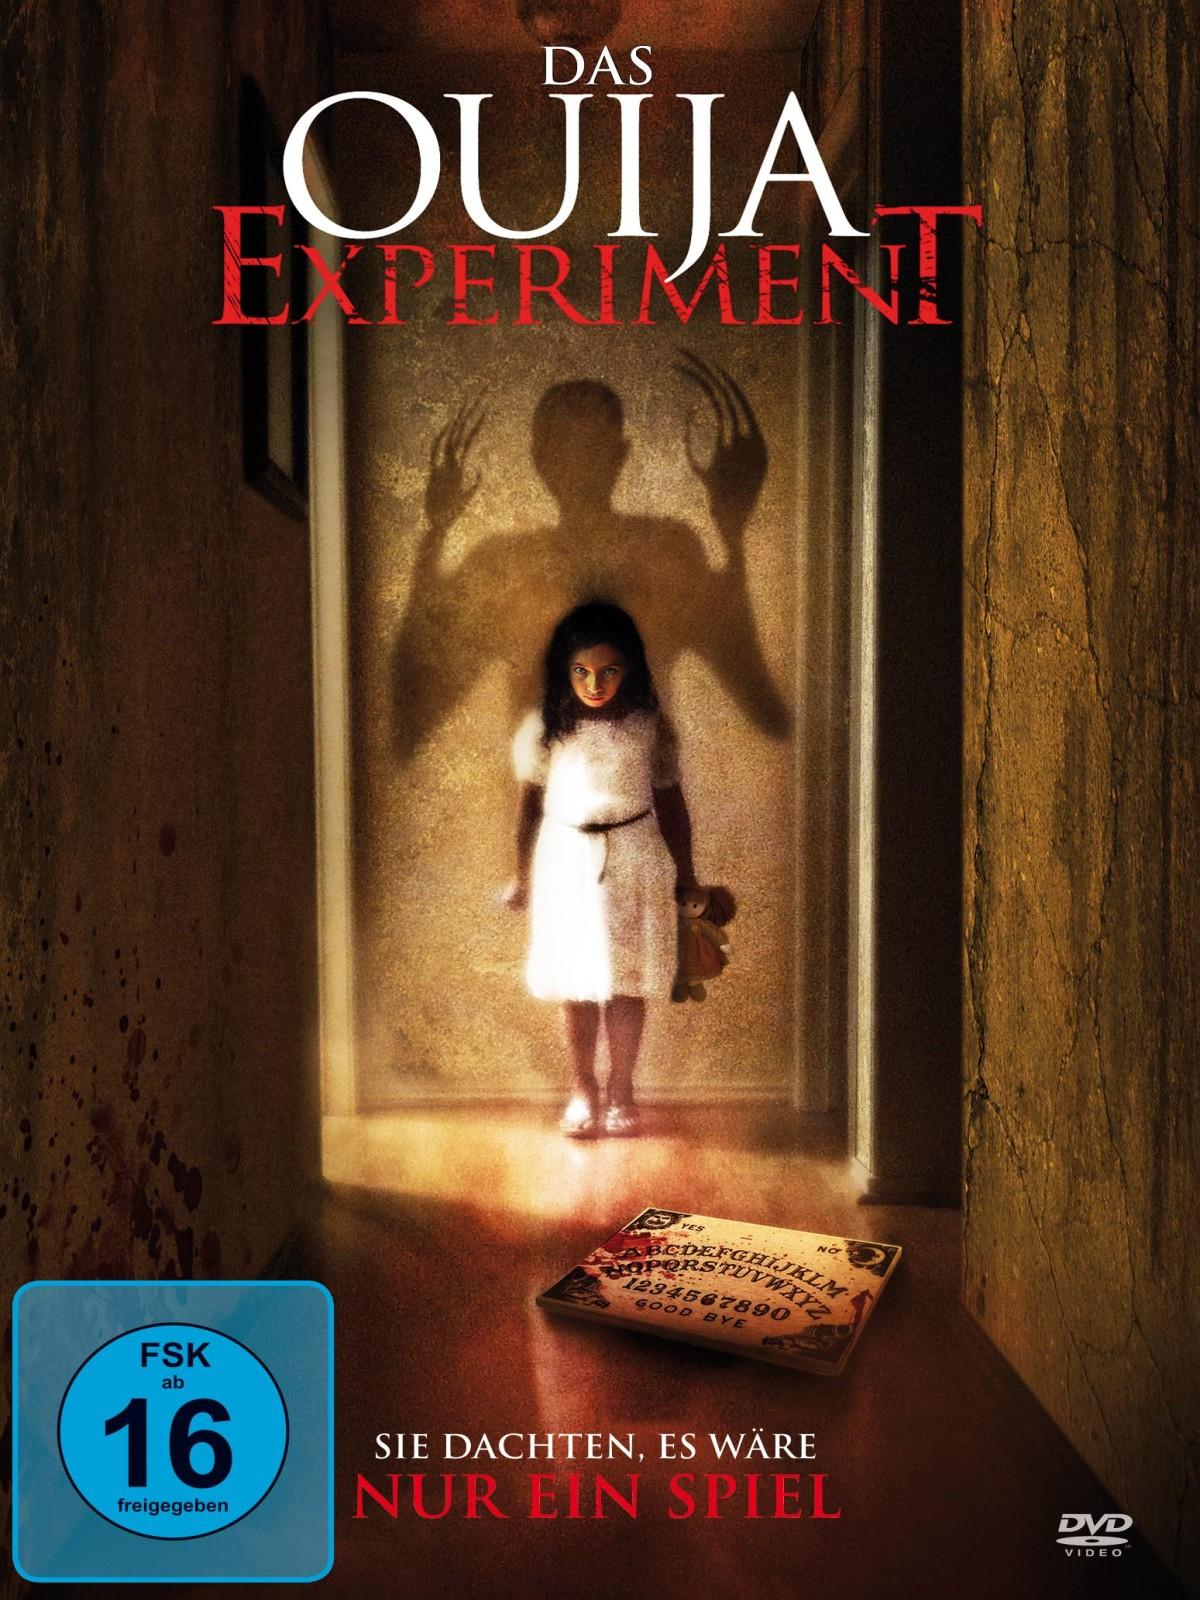 Das Ouija Experiment Trailer Deutsch